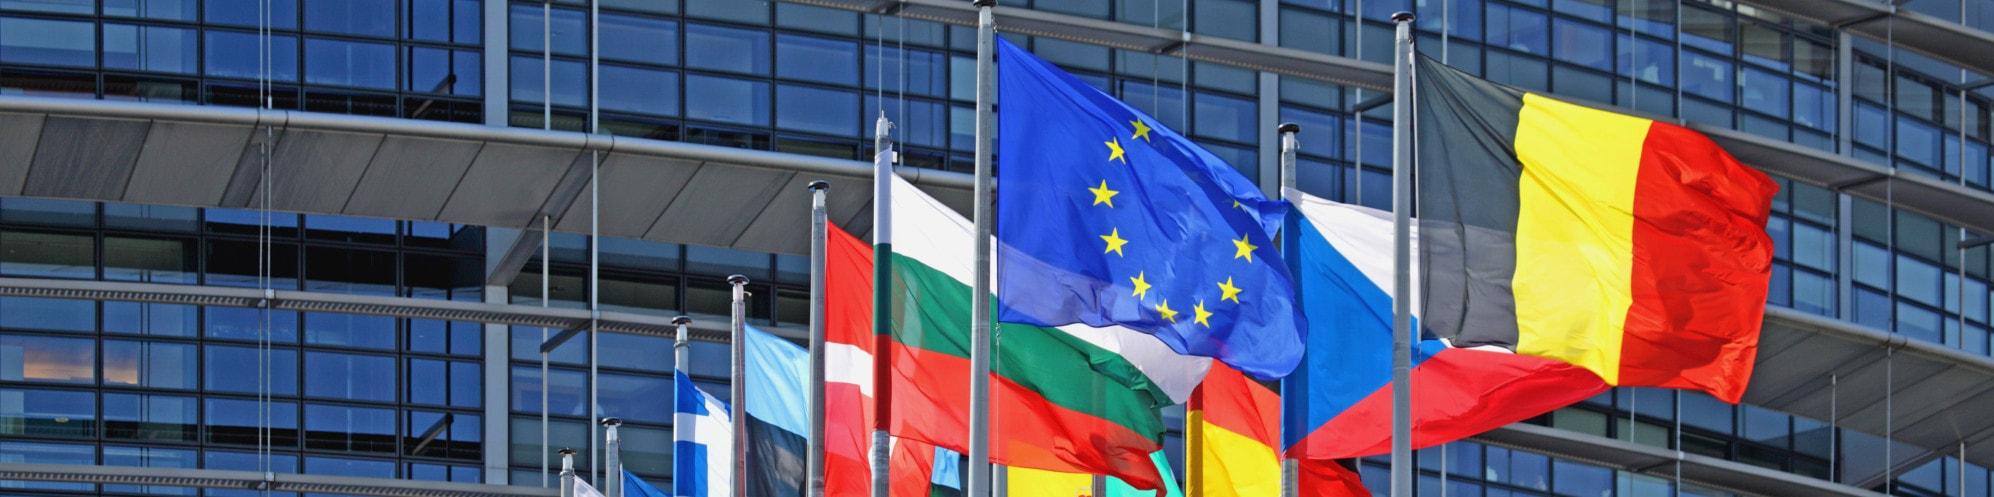 európai uniós zászlók